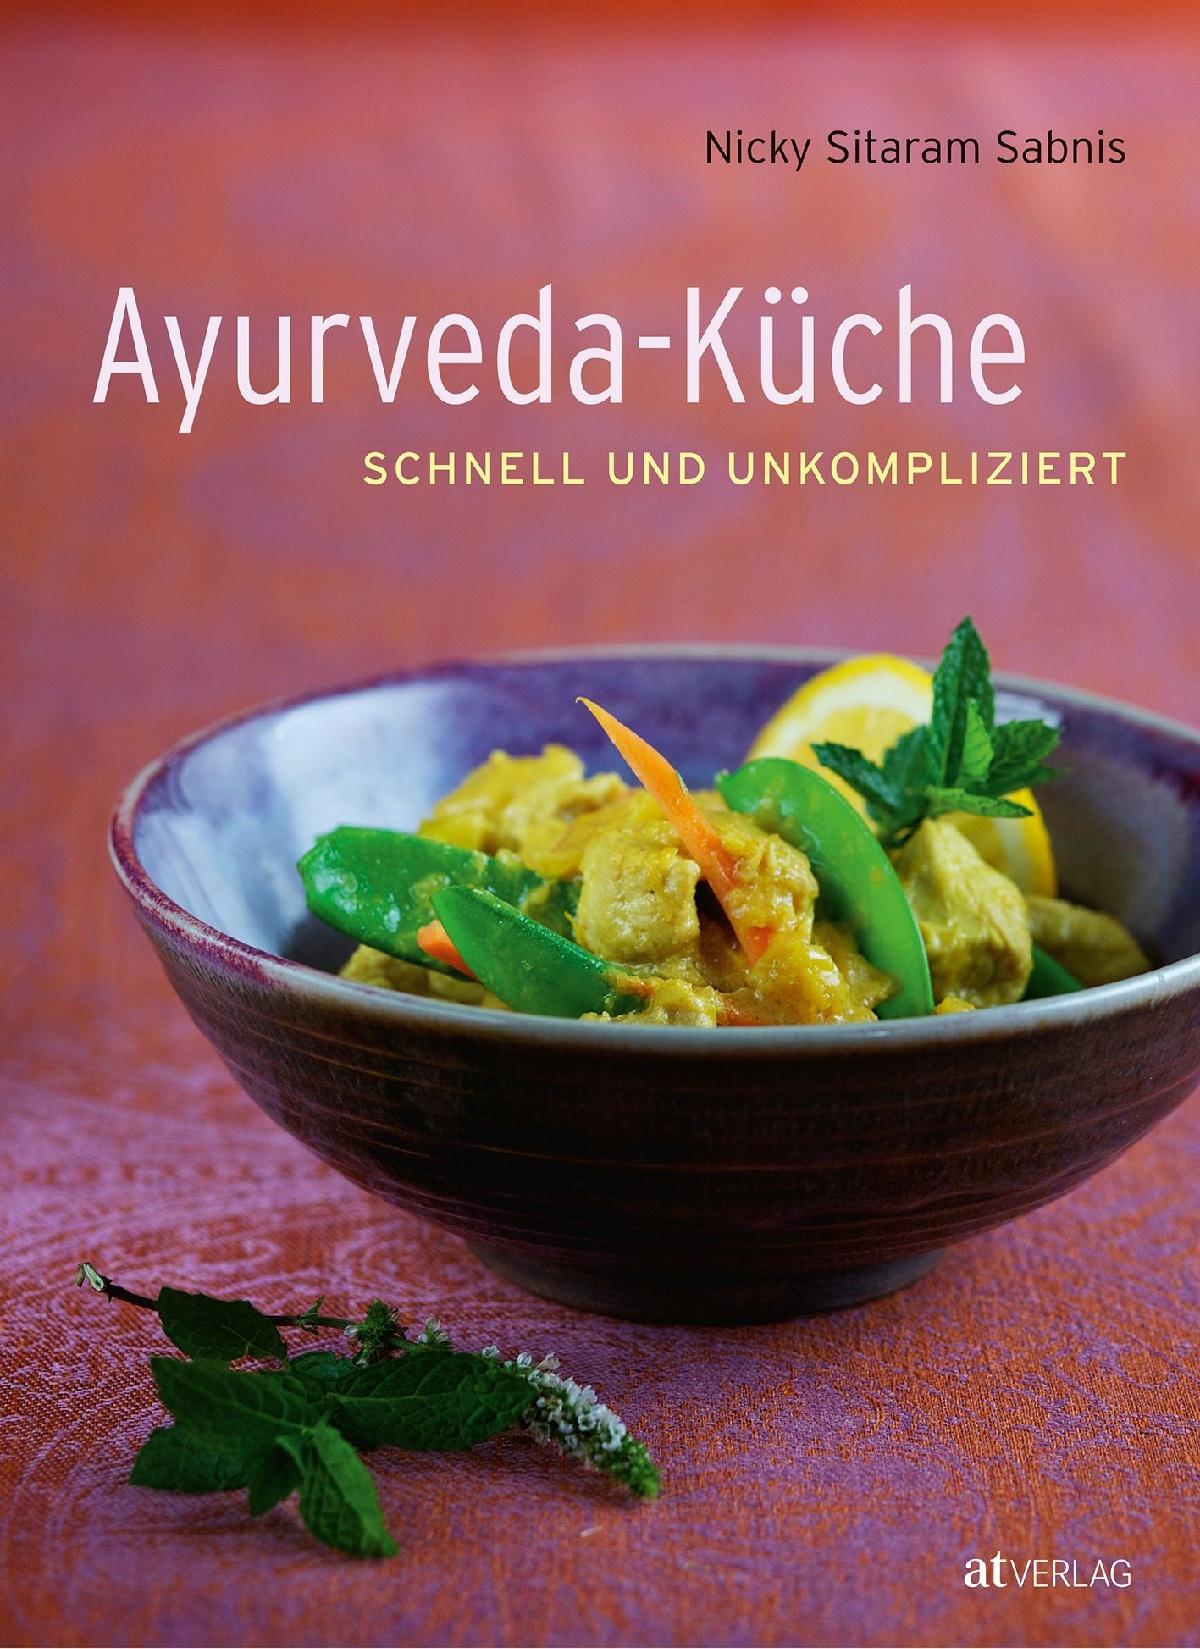 Buch: Ayurveda-Küche von Nicky Sitaram Sabnis • AT Verlag